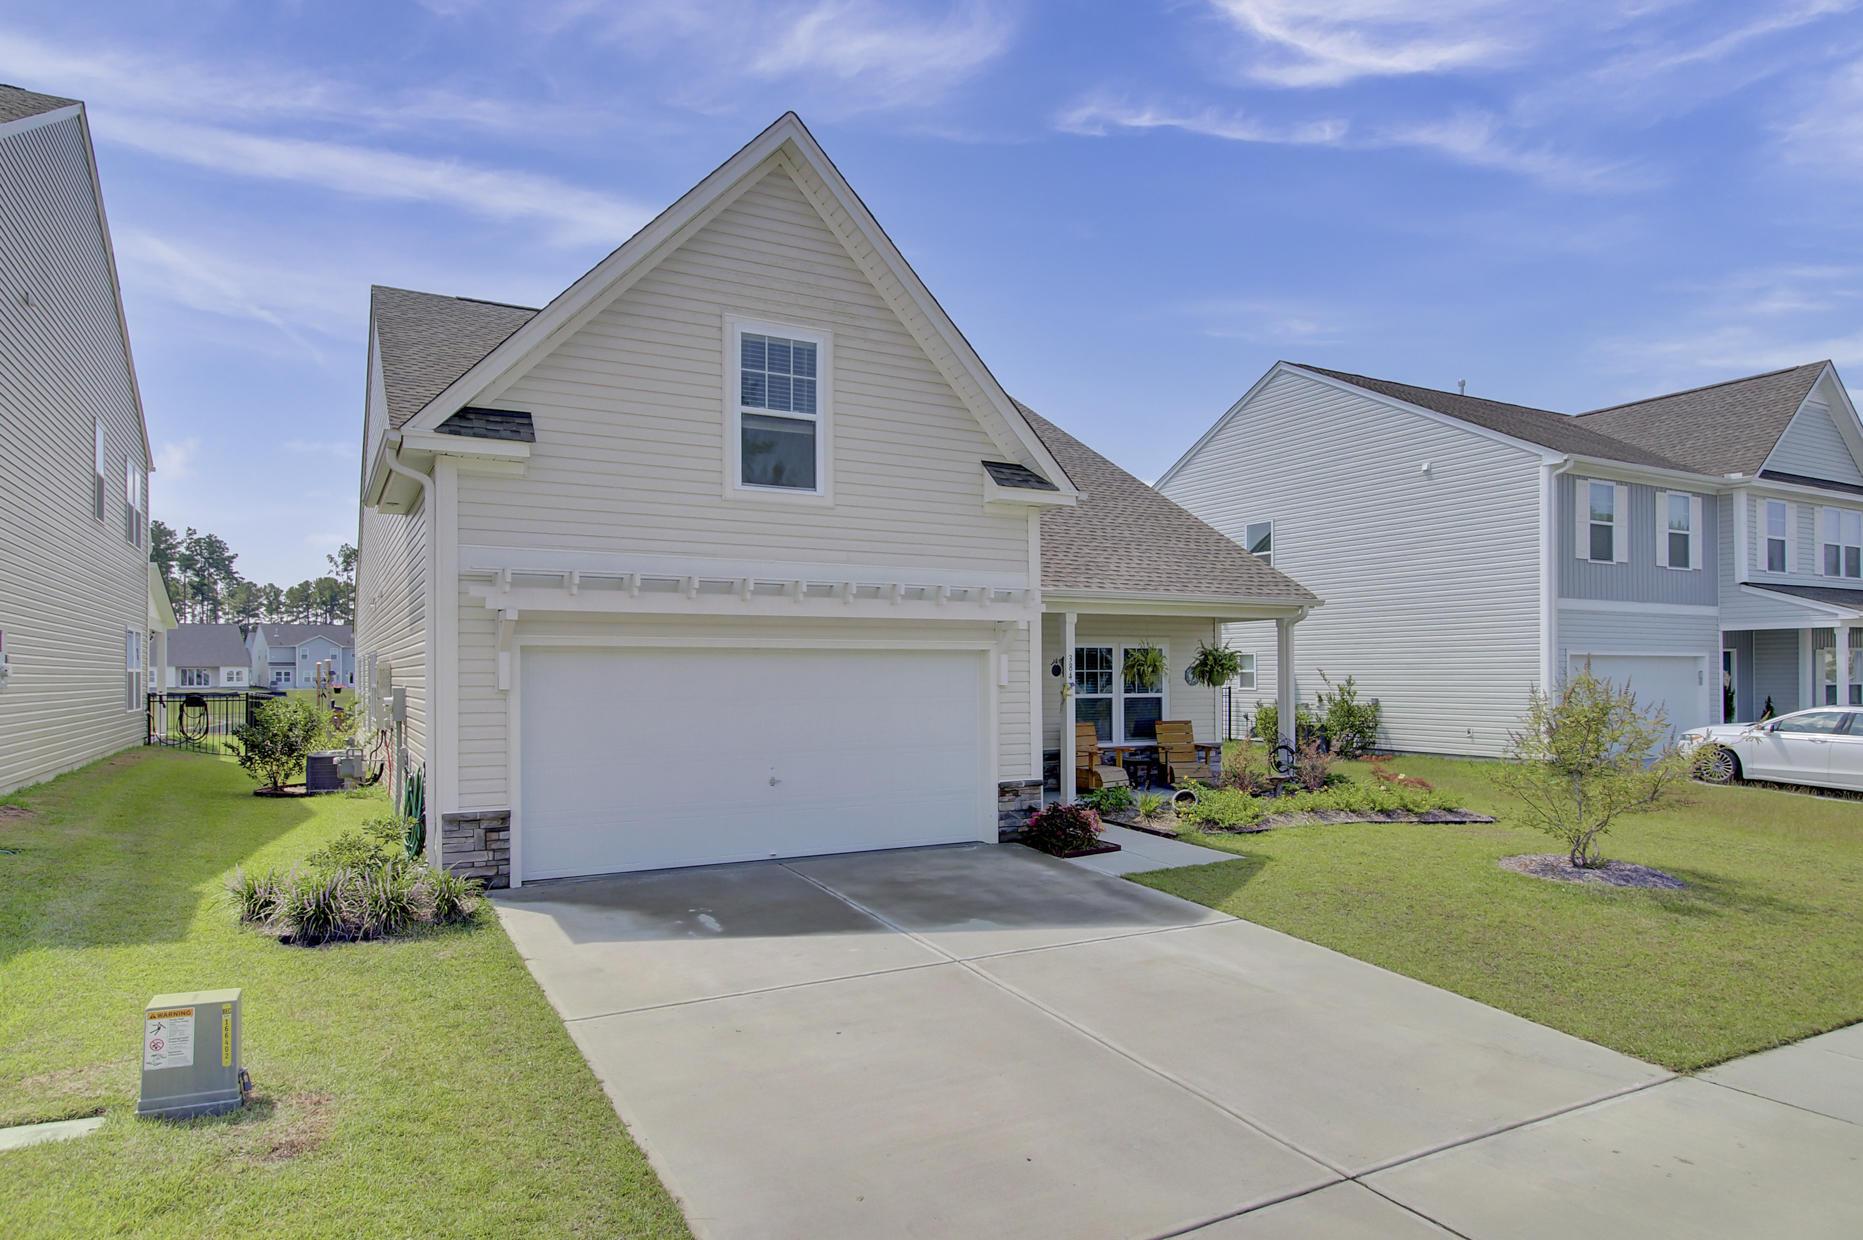 North Creek Village Homes For Sale - 384 Dunlin, Summerville, SC - 46